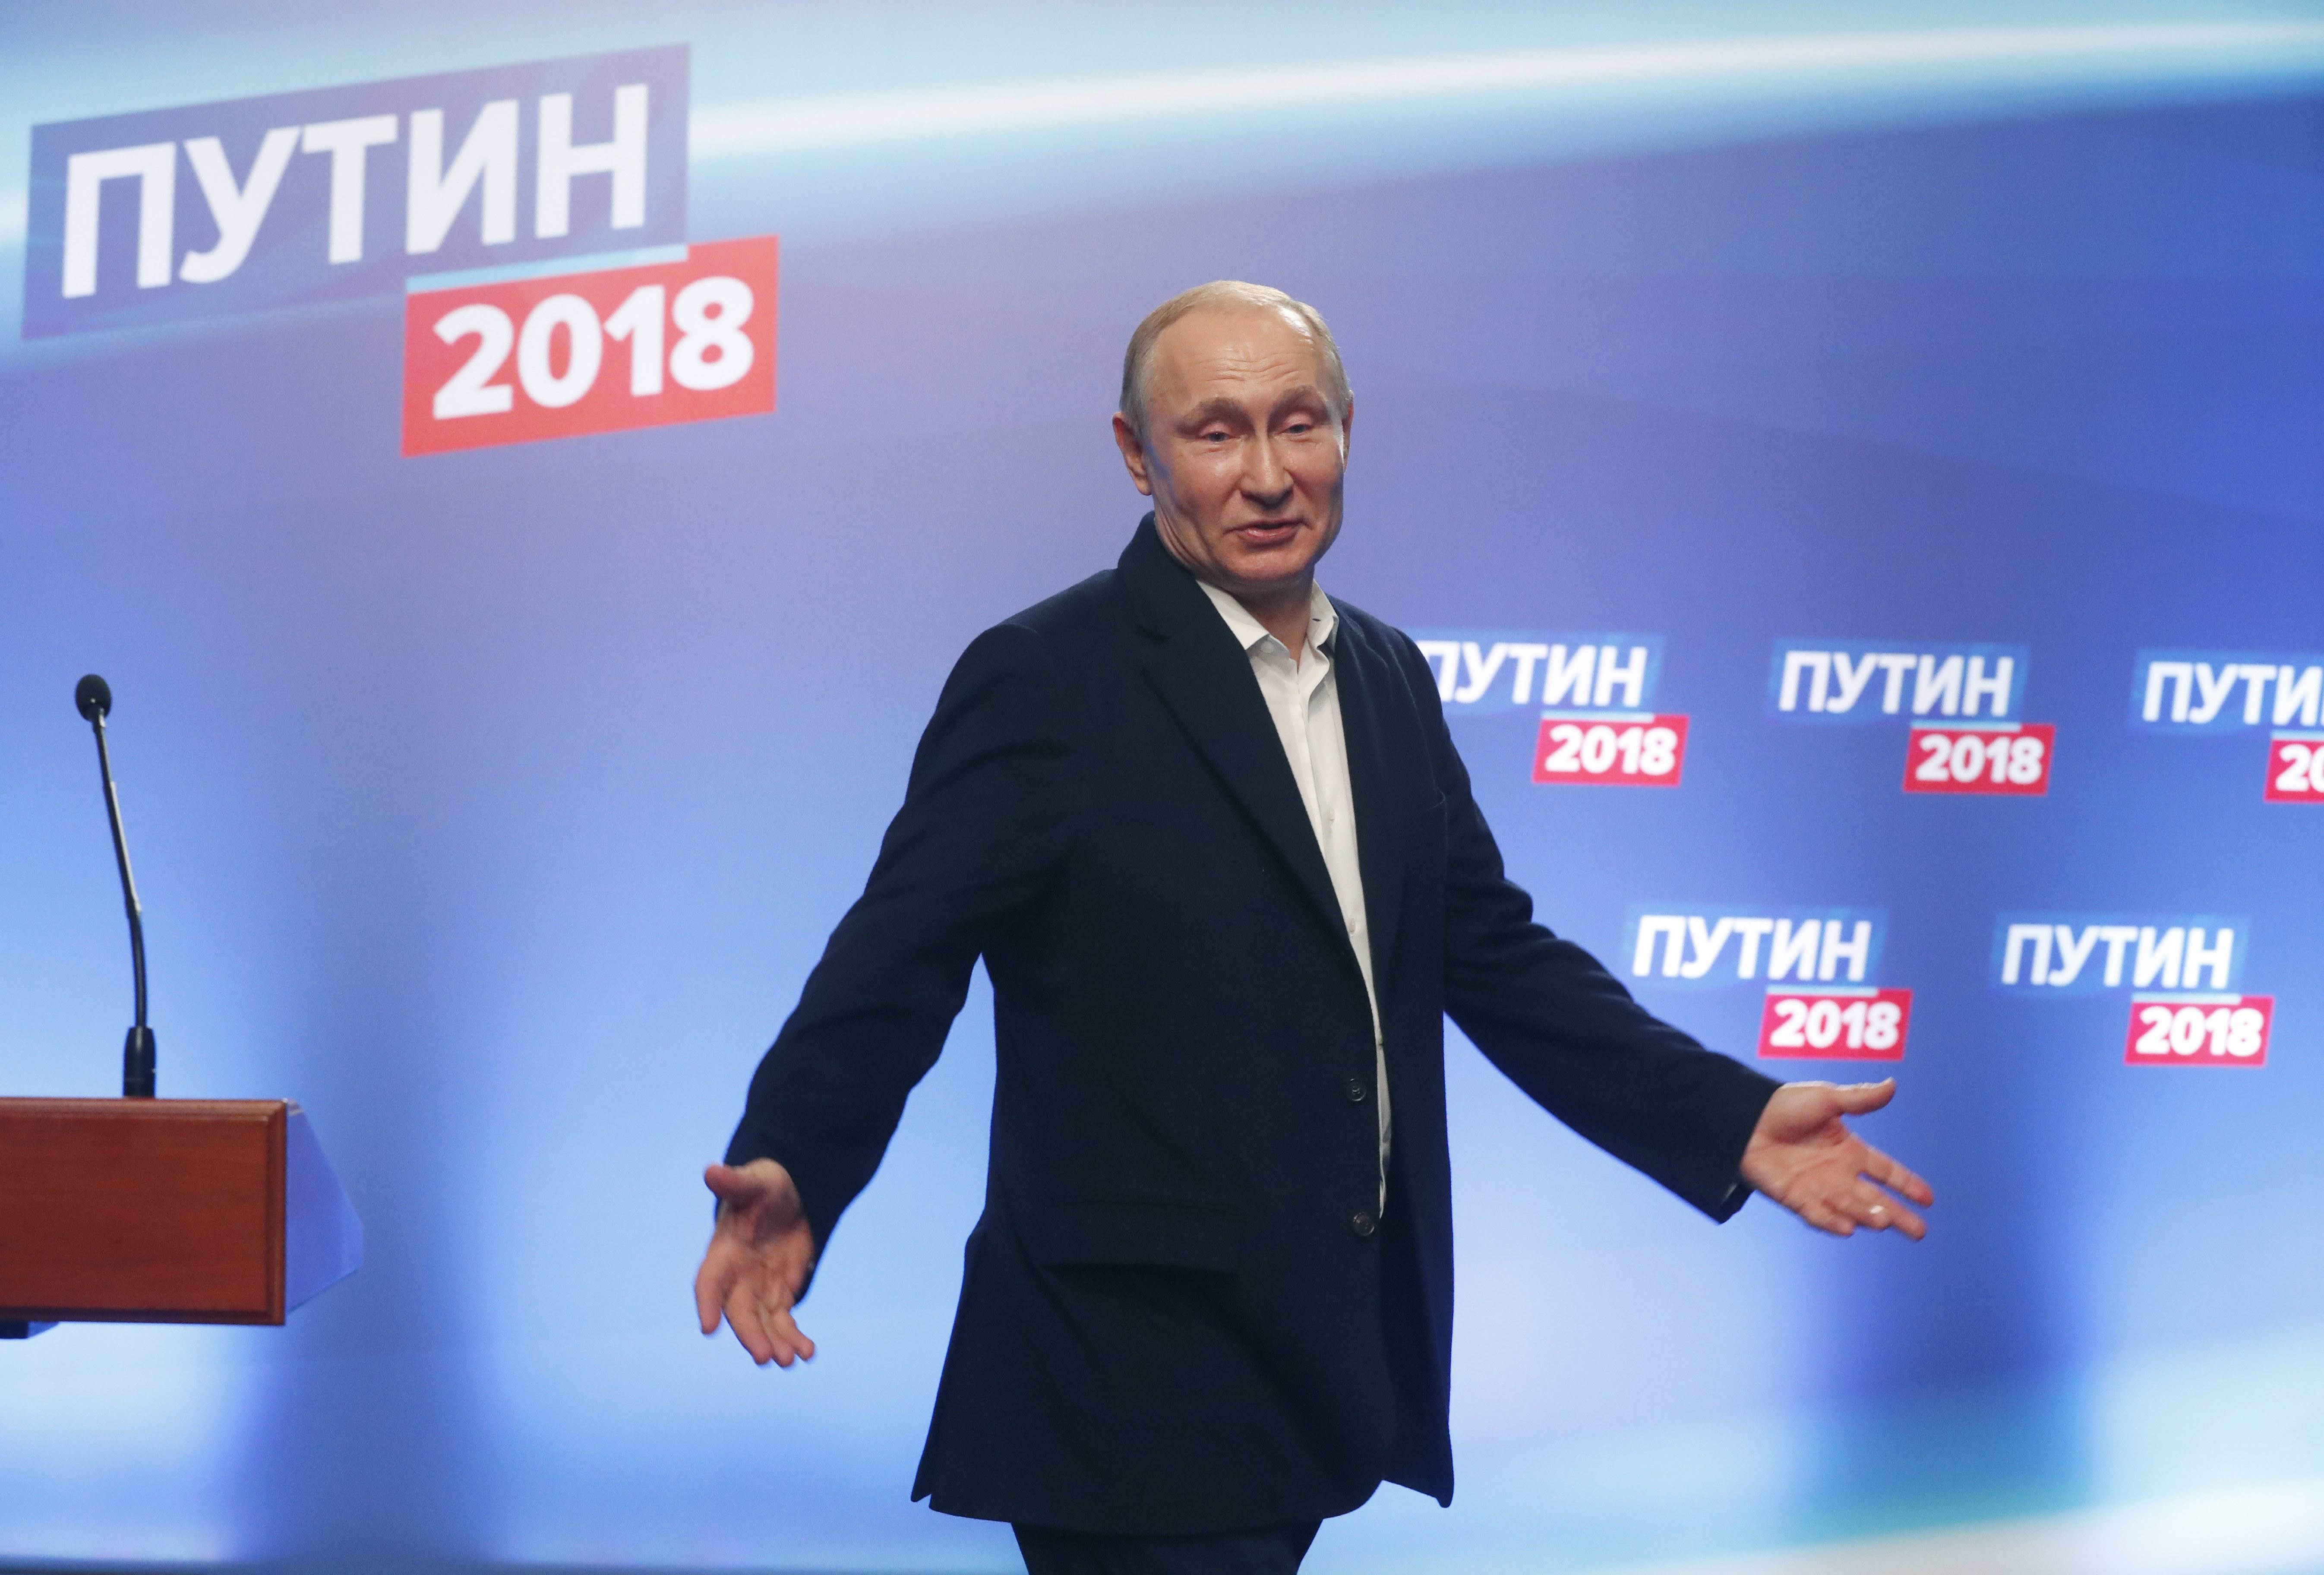 poytin-to-profil-toy-rosoy-proedroy-poy-krata-gia-tetarti-thiteia-ta-kleidia-toy-kremlinoy2